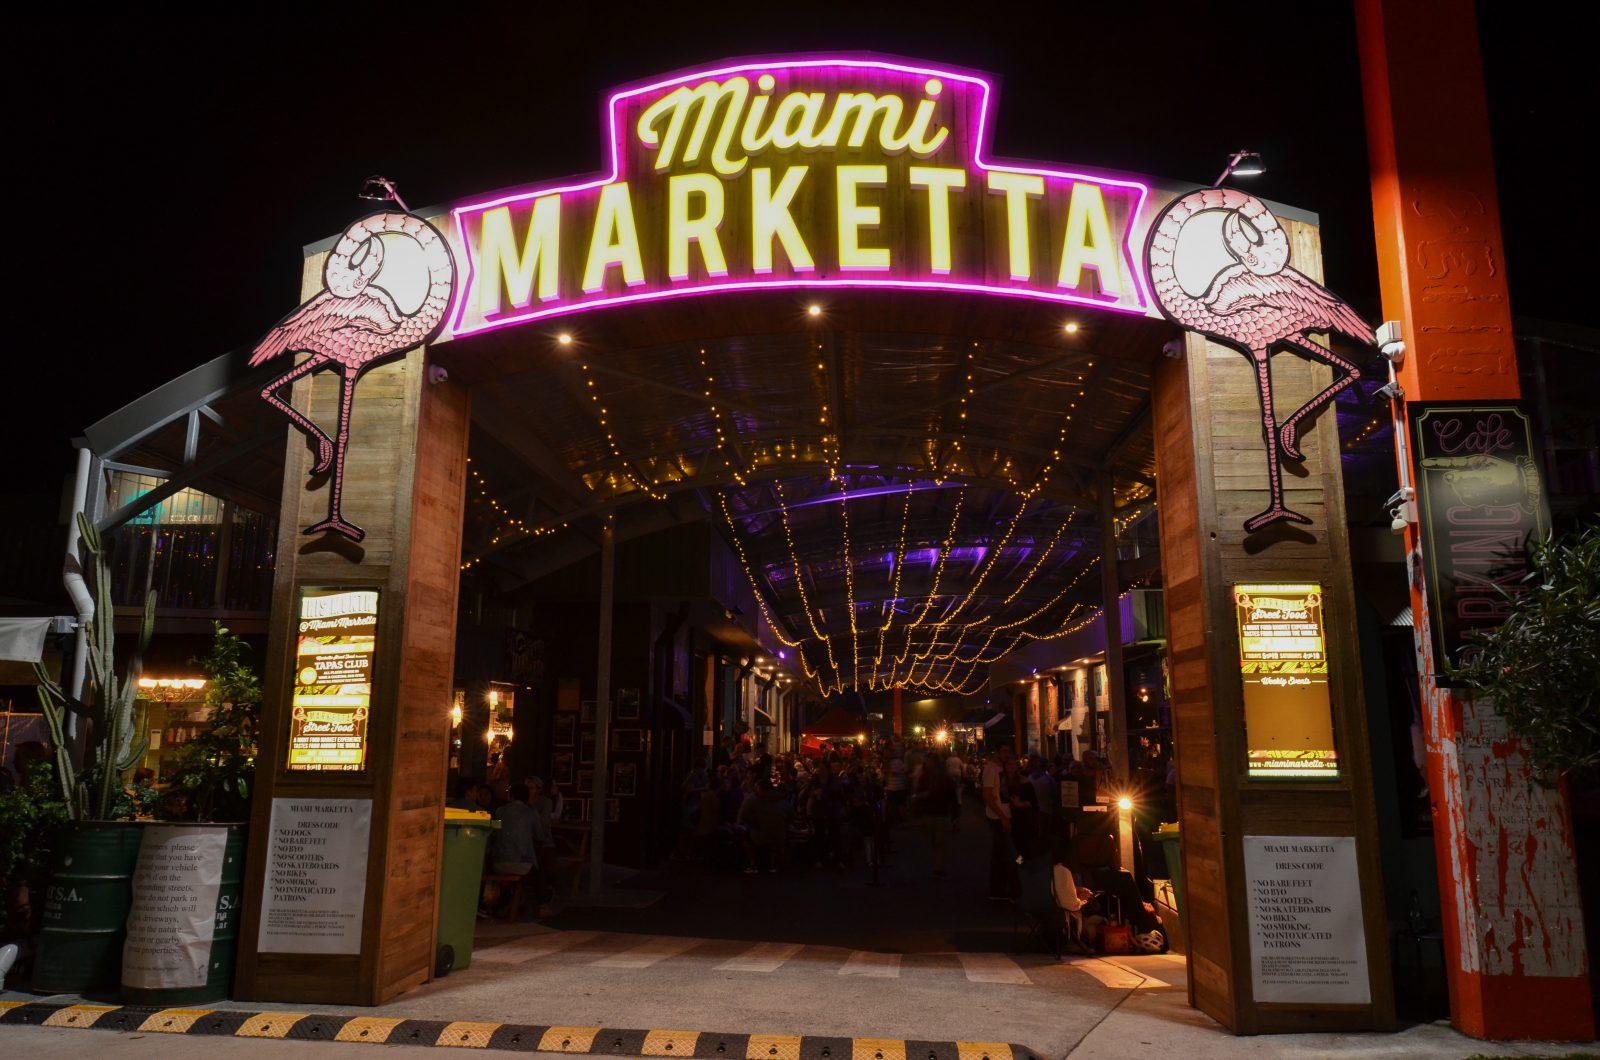 Entrance to Miami Marketta